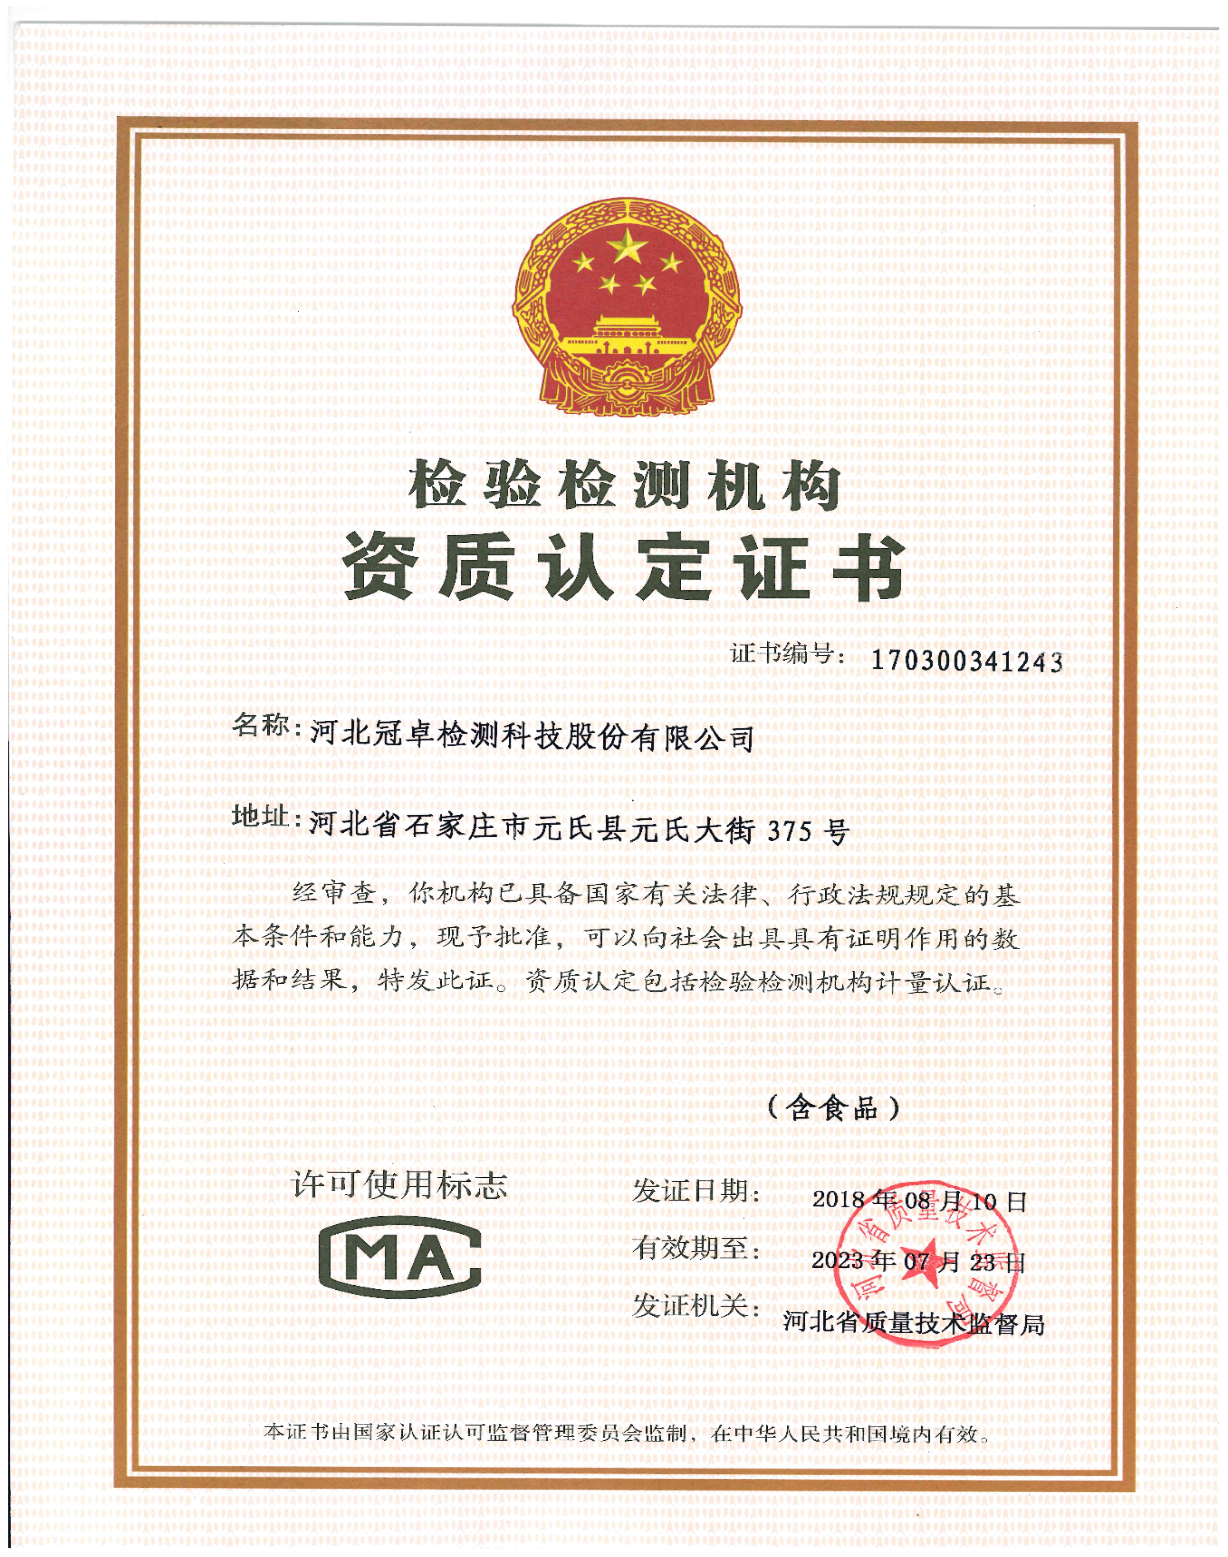 CMA证书